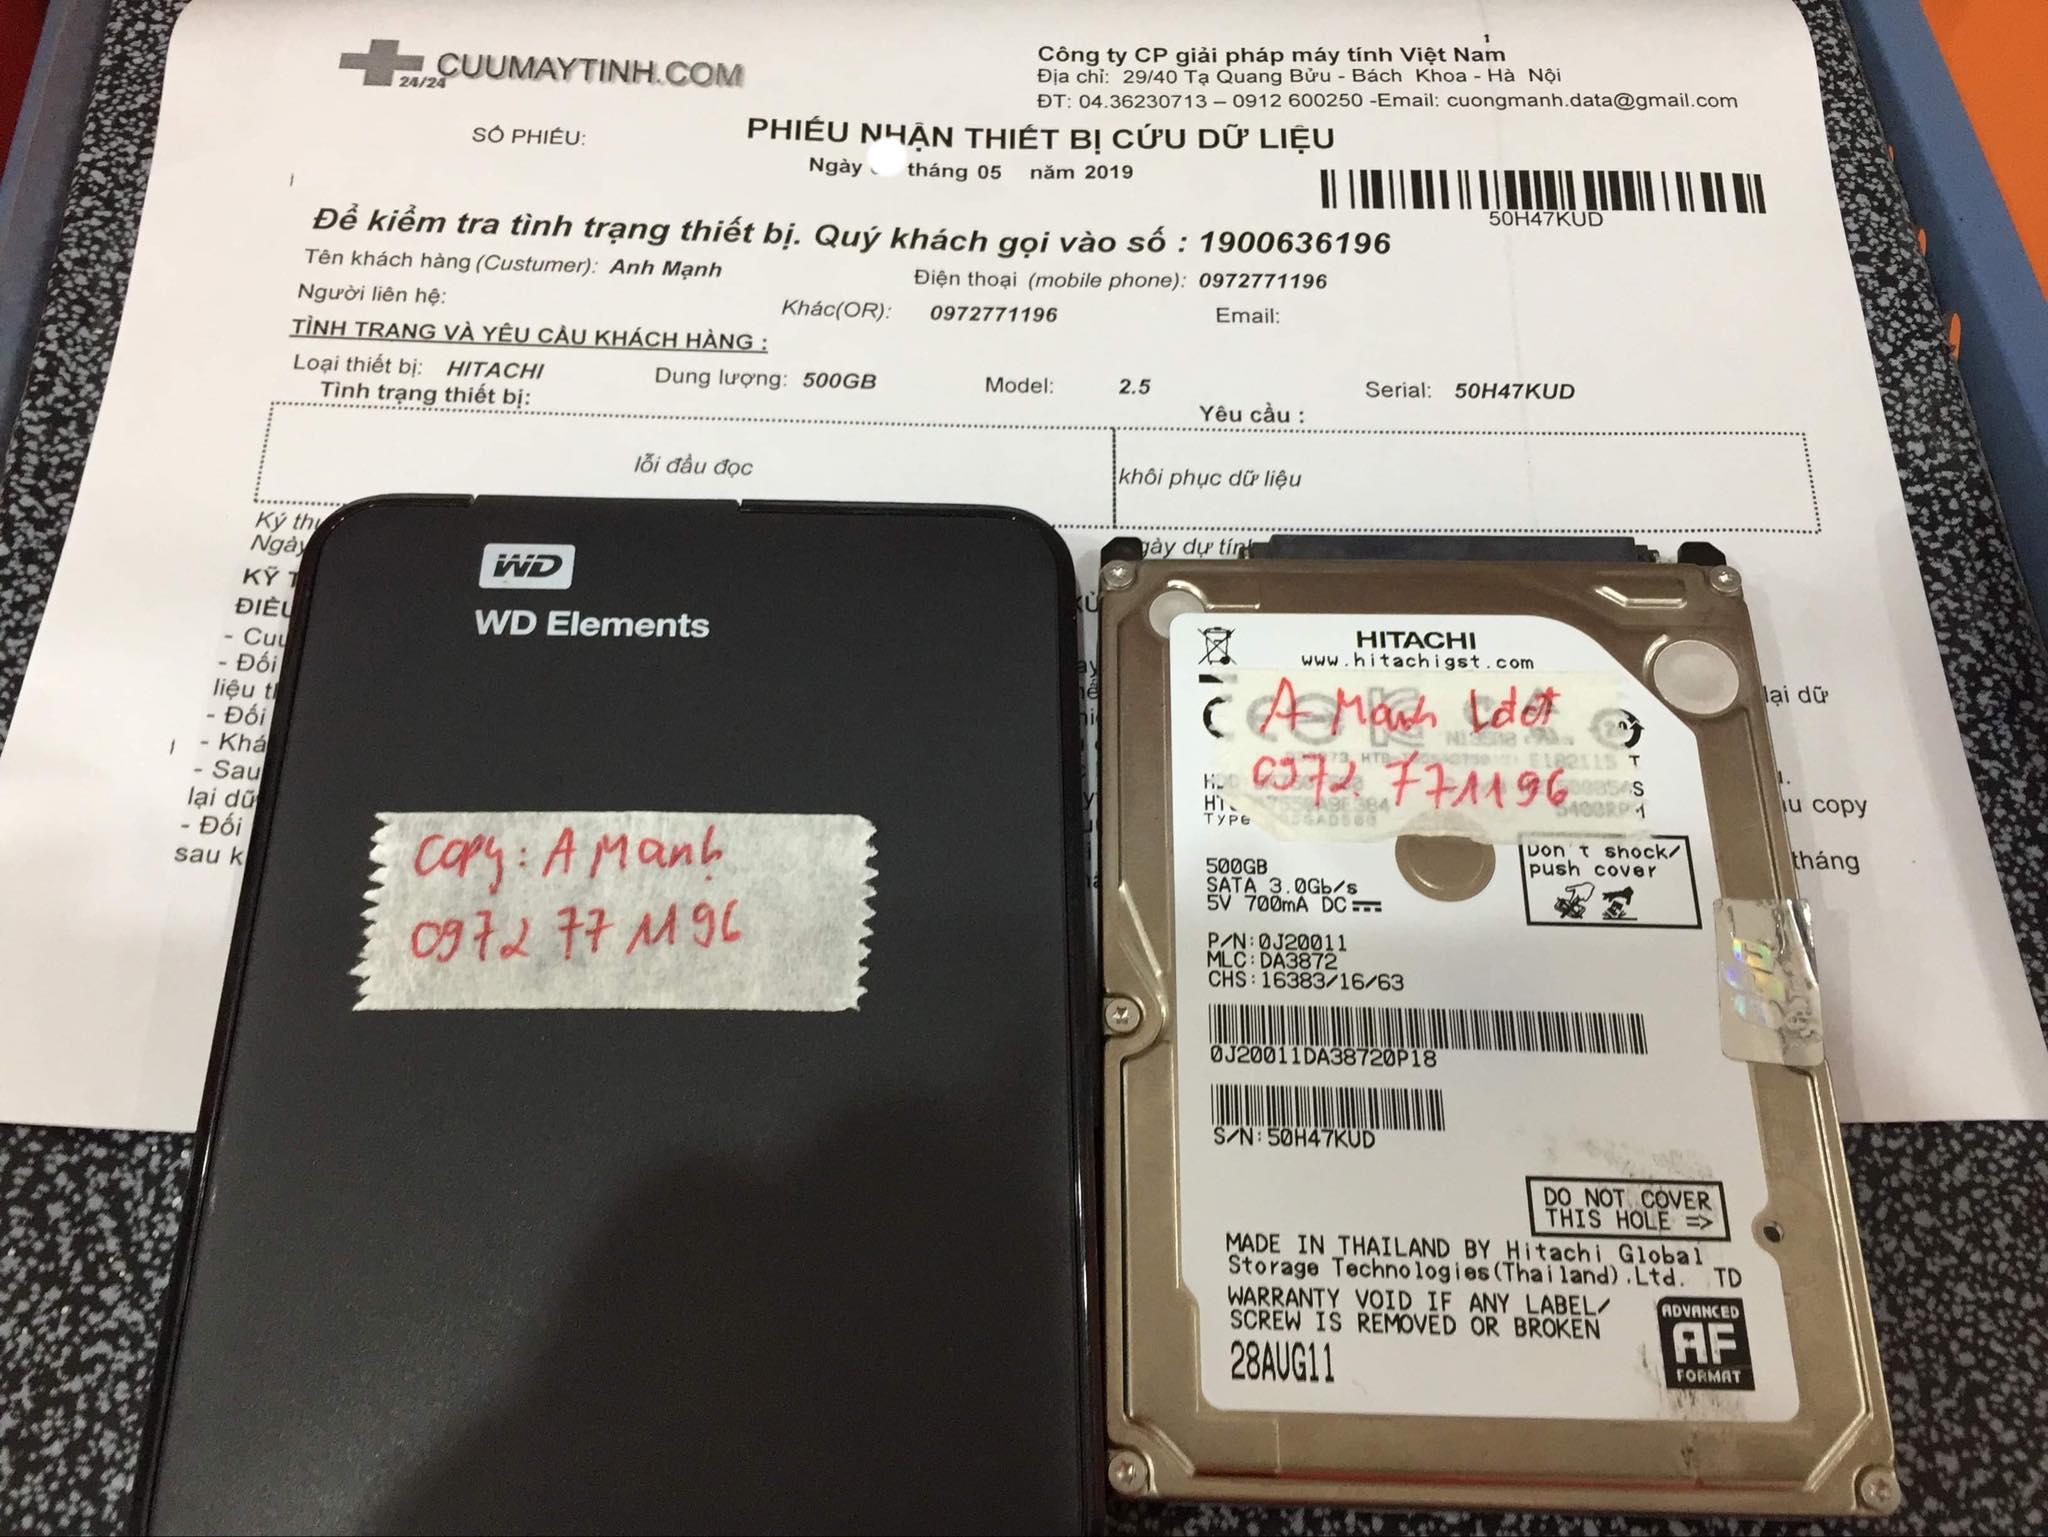 Lấy dữ liệu ổ cứng Hitachi 500GB lỗi đầu đọc 09/05/2019 - cuumaytinh